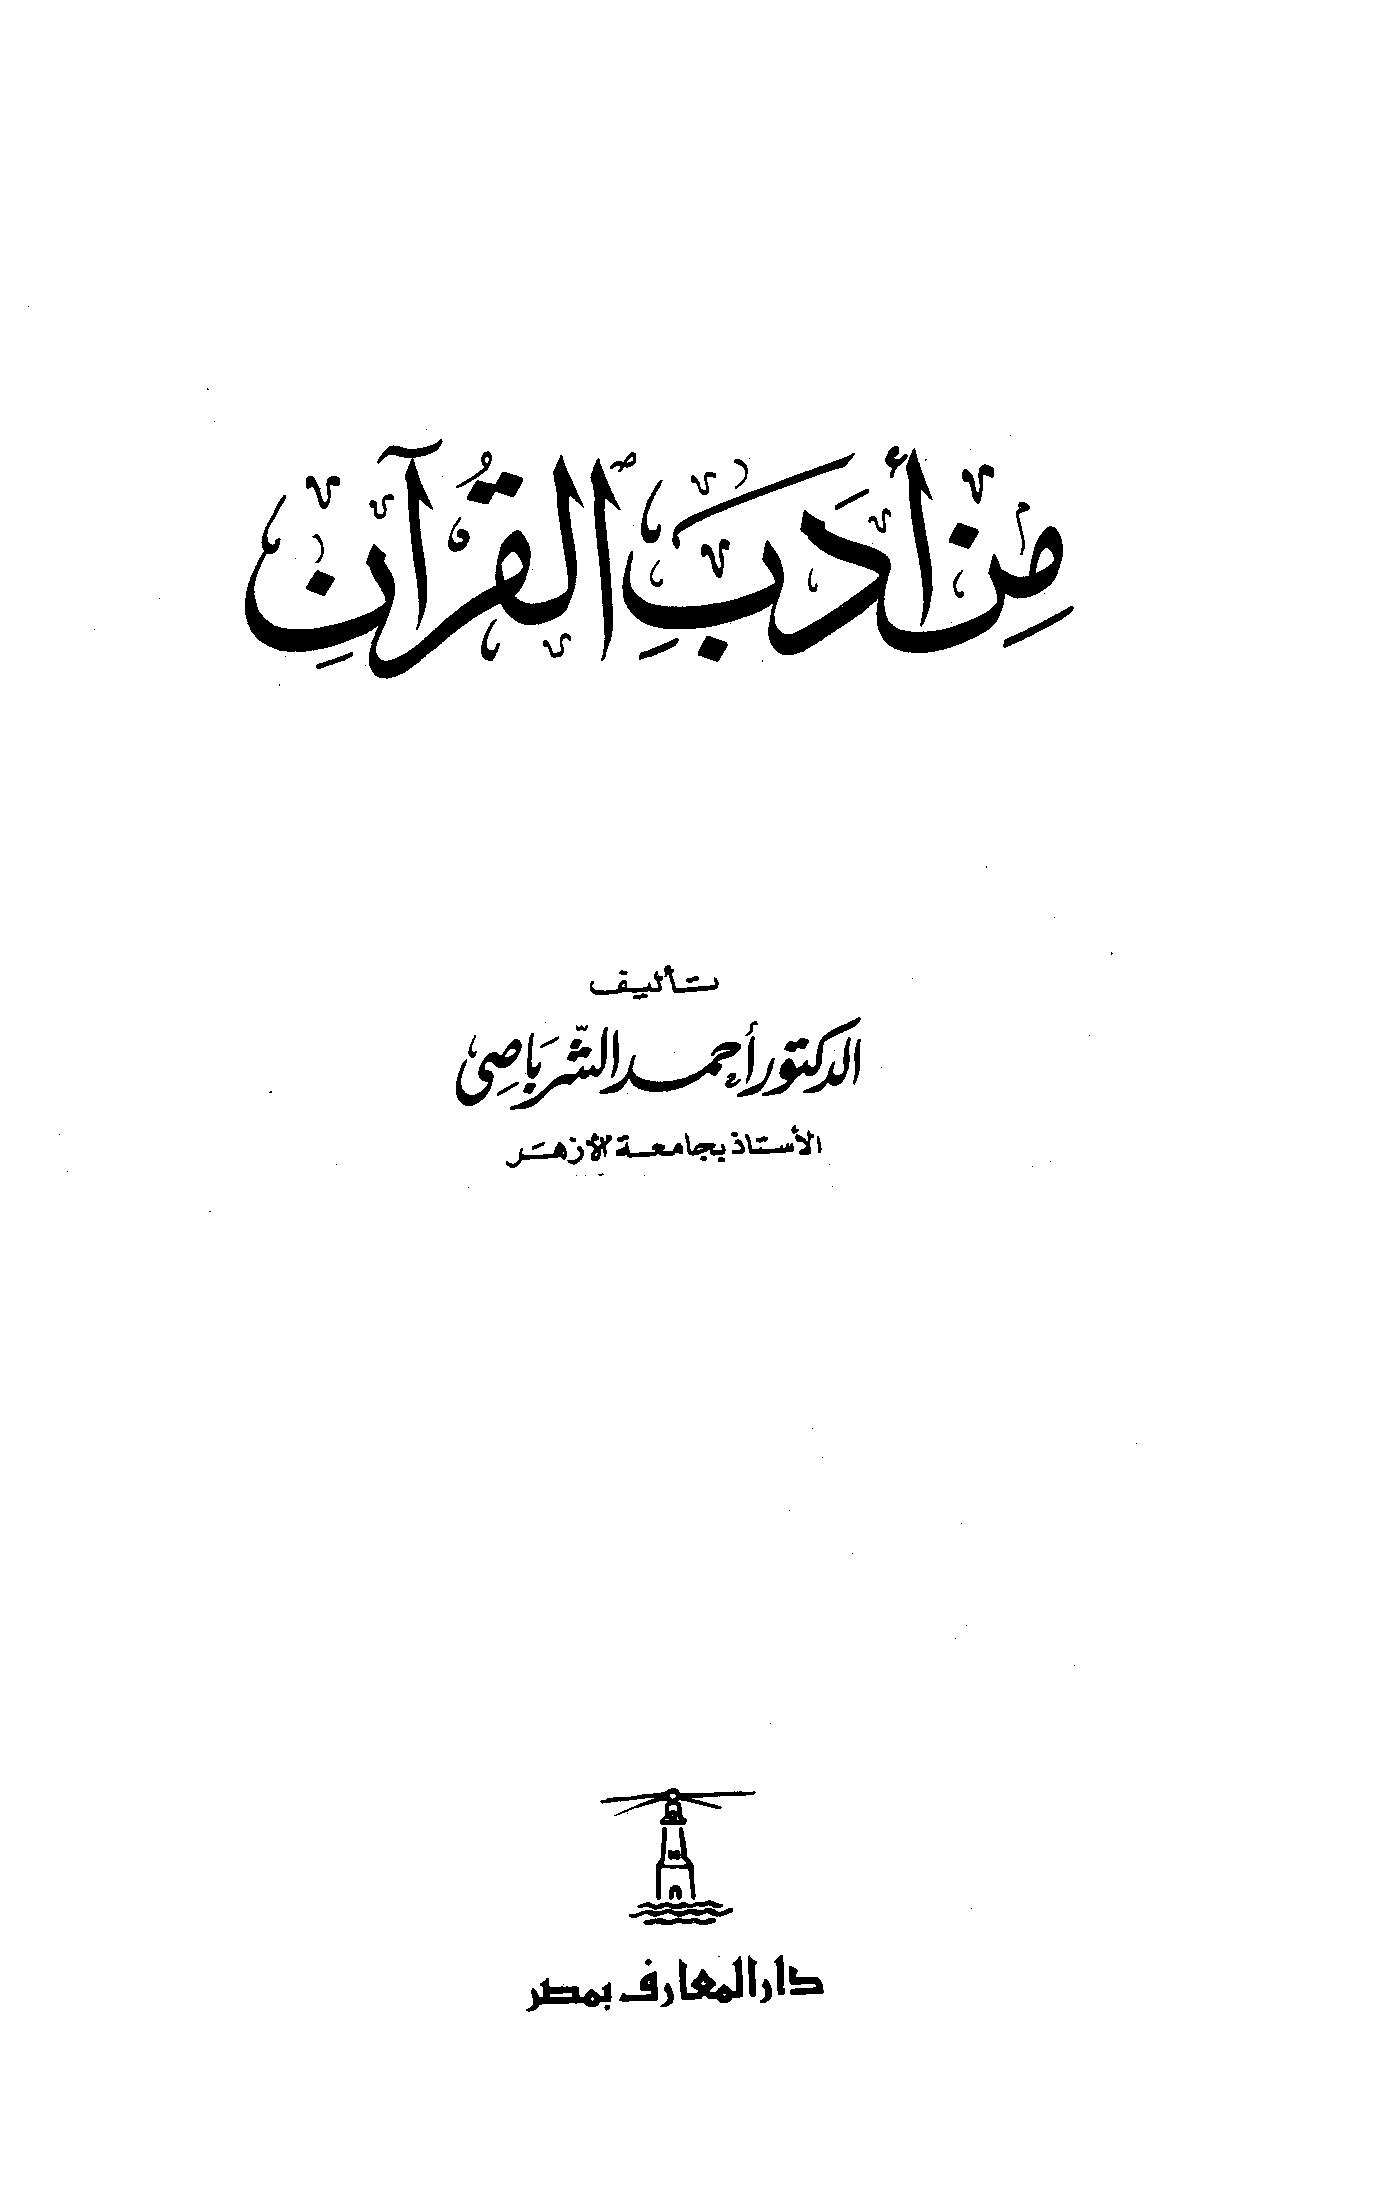 تحميل كتاب من أدب القرآن لـِ: الدكتور أحمد الشرباصي (ت 1400)